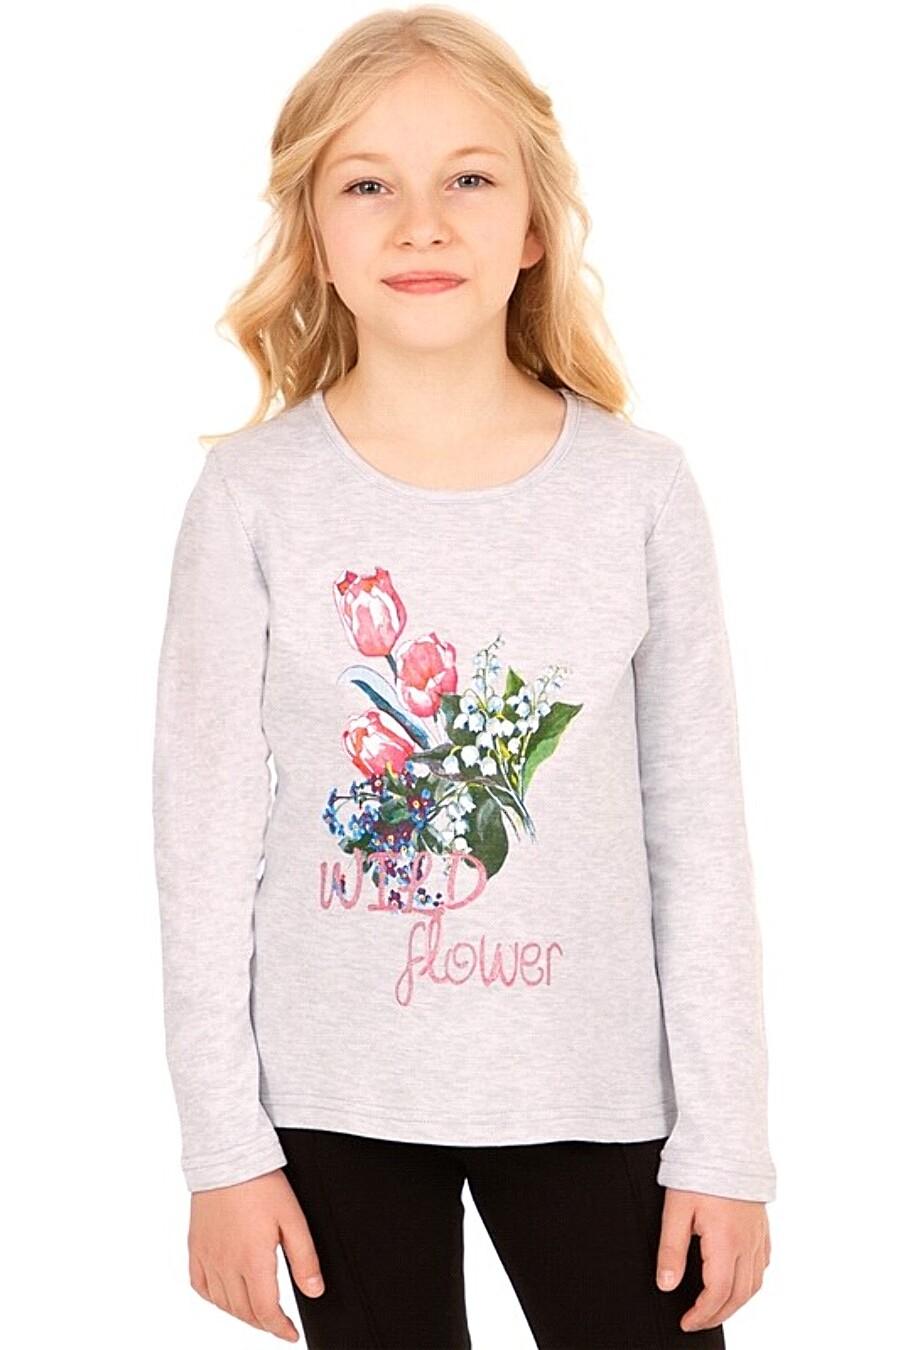 Джемпер для девочек Archi 158188 купить оптом от производителя. Совместная покупка детской одежды в OptMoyo